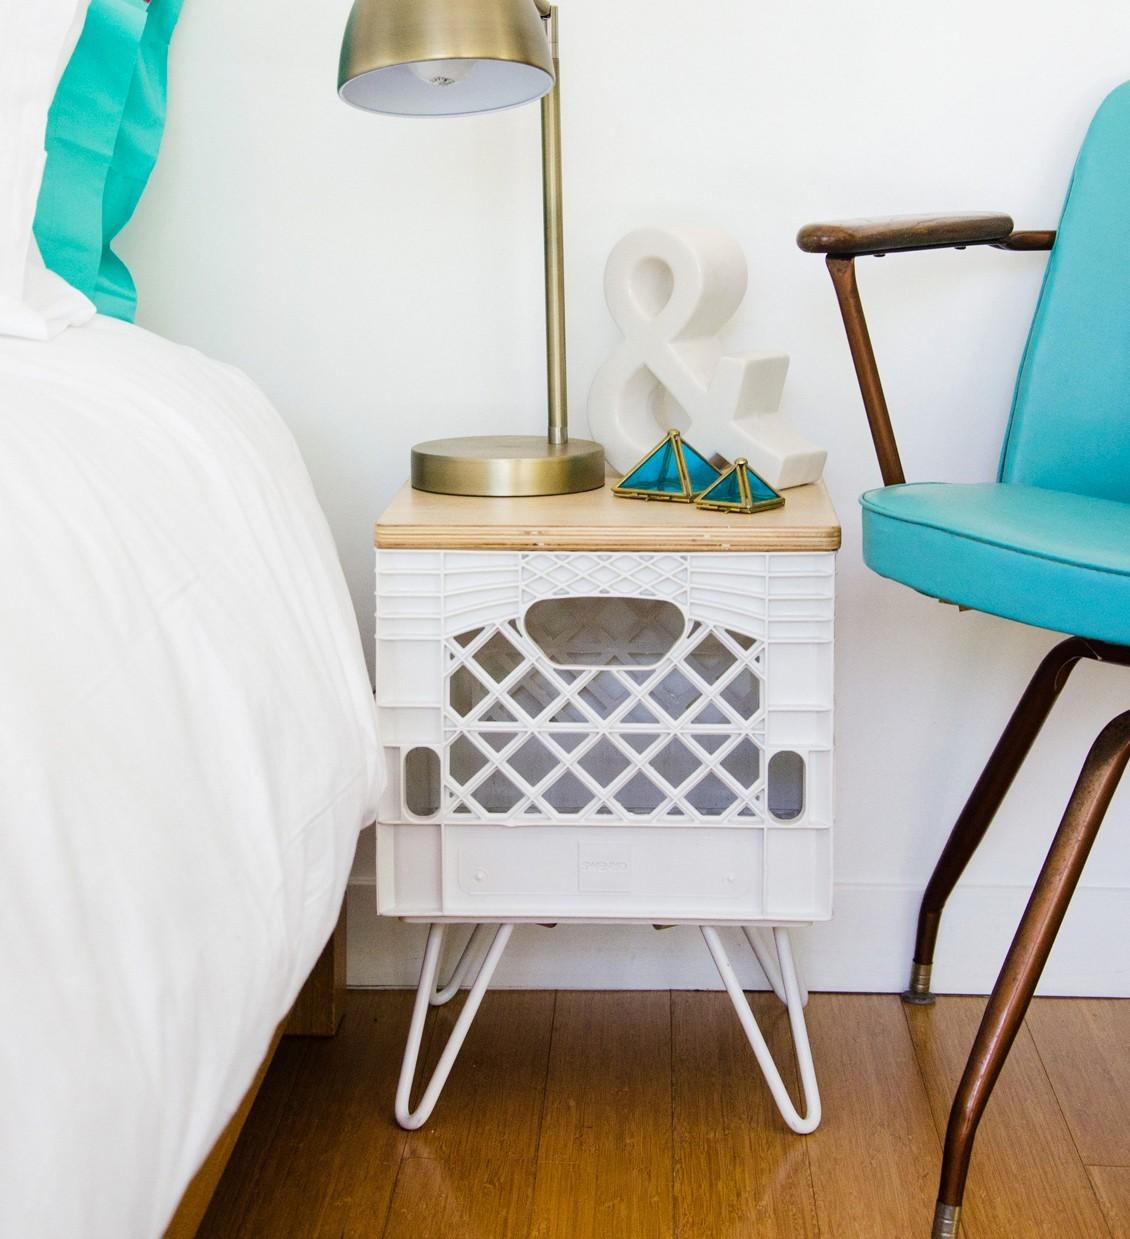 roomcrate-nightstand-image4